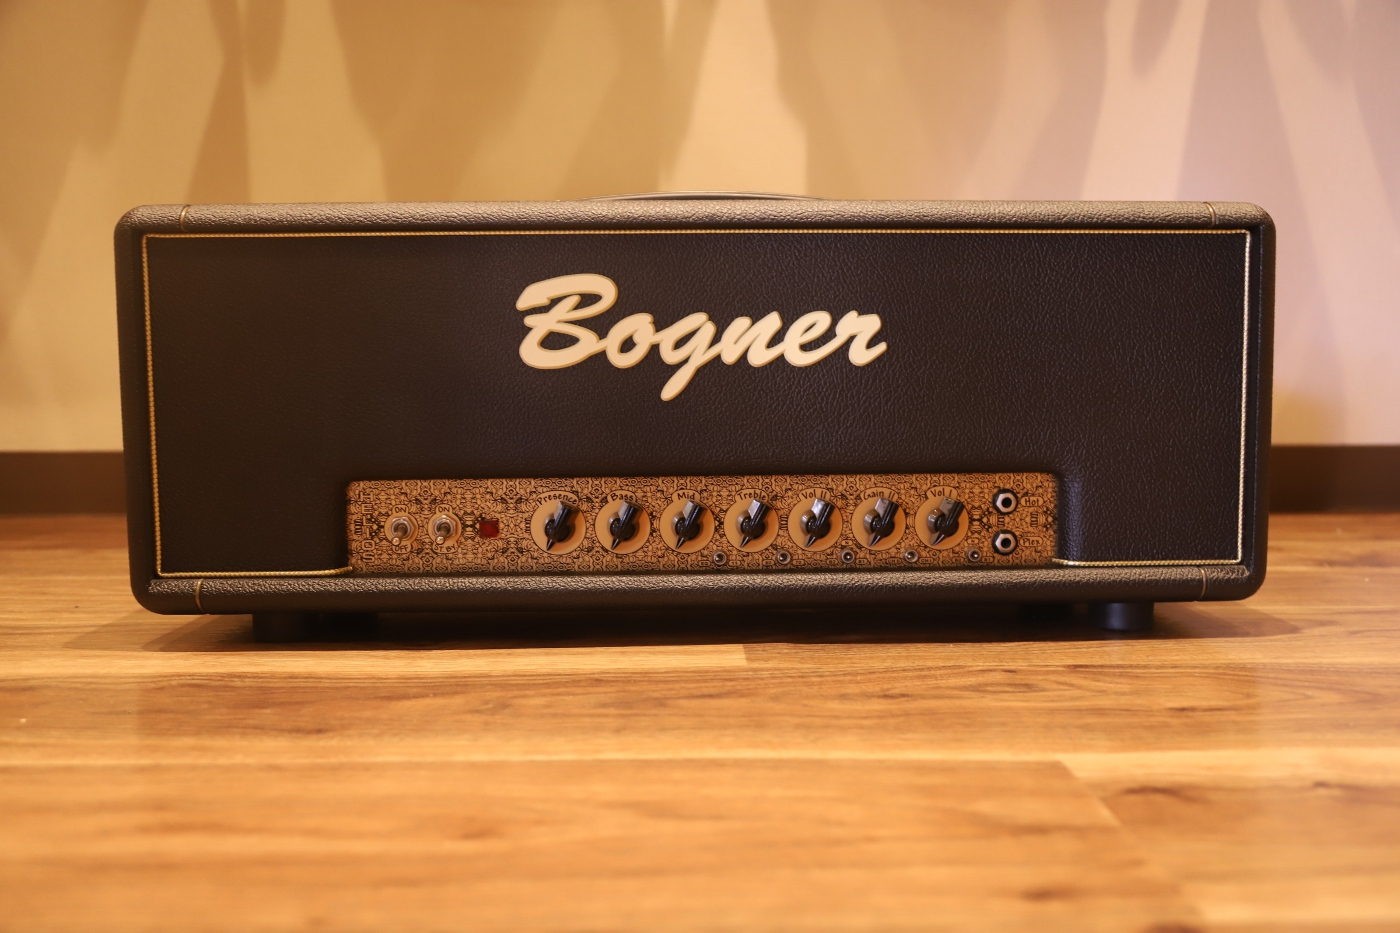 【中古商品】【送料無料になりました♪】BOGNER HELIOS 50 [S/N 105301] ボグナー ヘリオス50 ギター ヘッドアンプ 現状お渡し【即納可能】